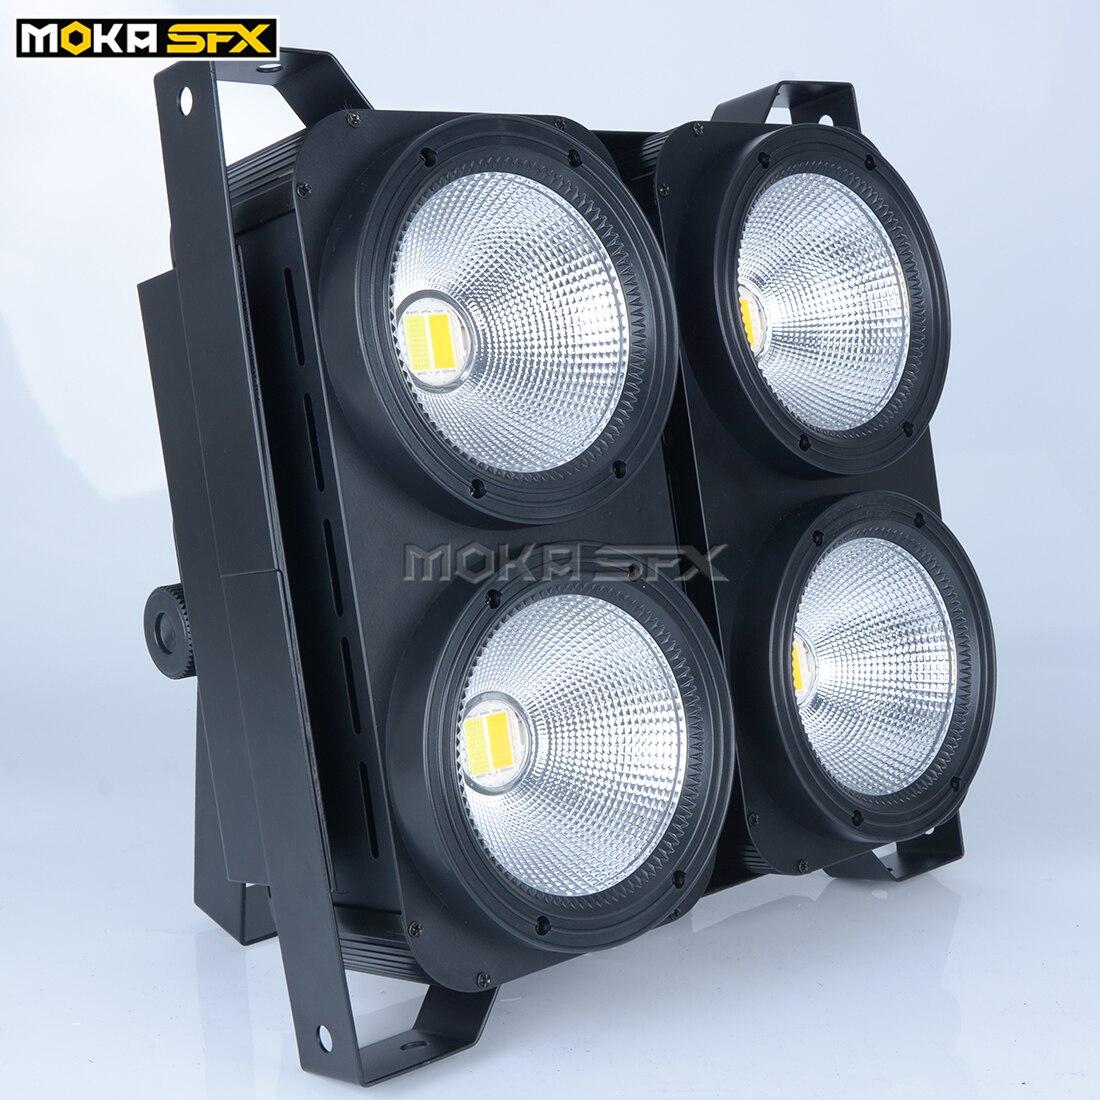 1 шт. / Лот 4 очі 100 Вт світлодіодна - Комерційне освітлення - фото 3